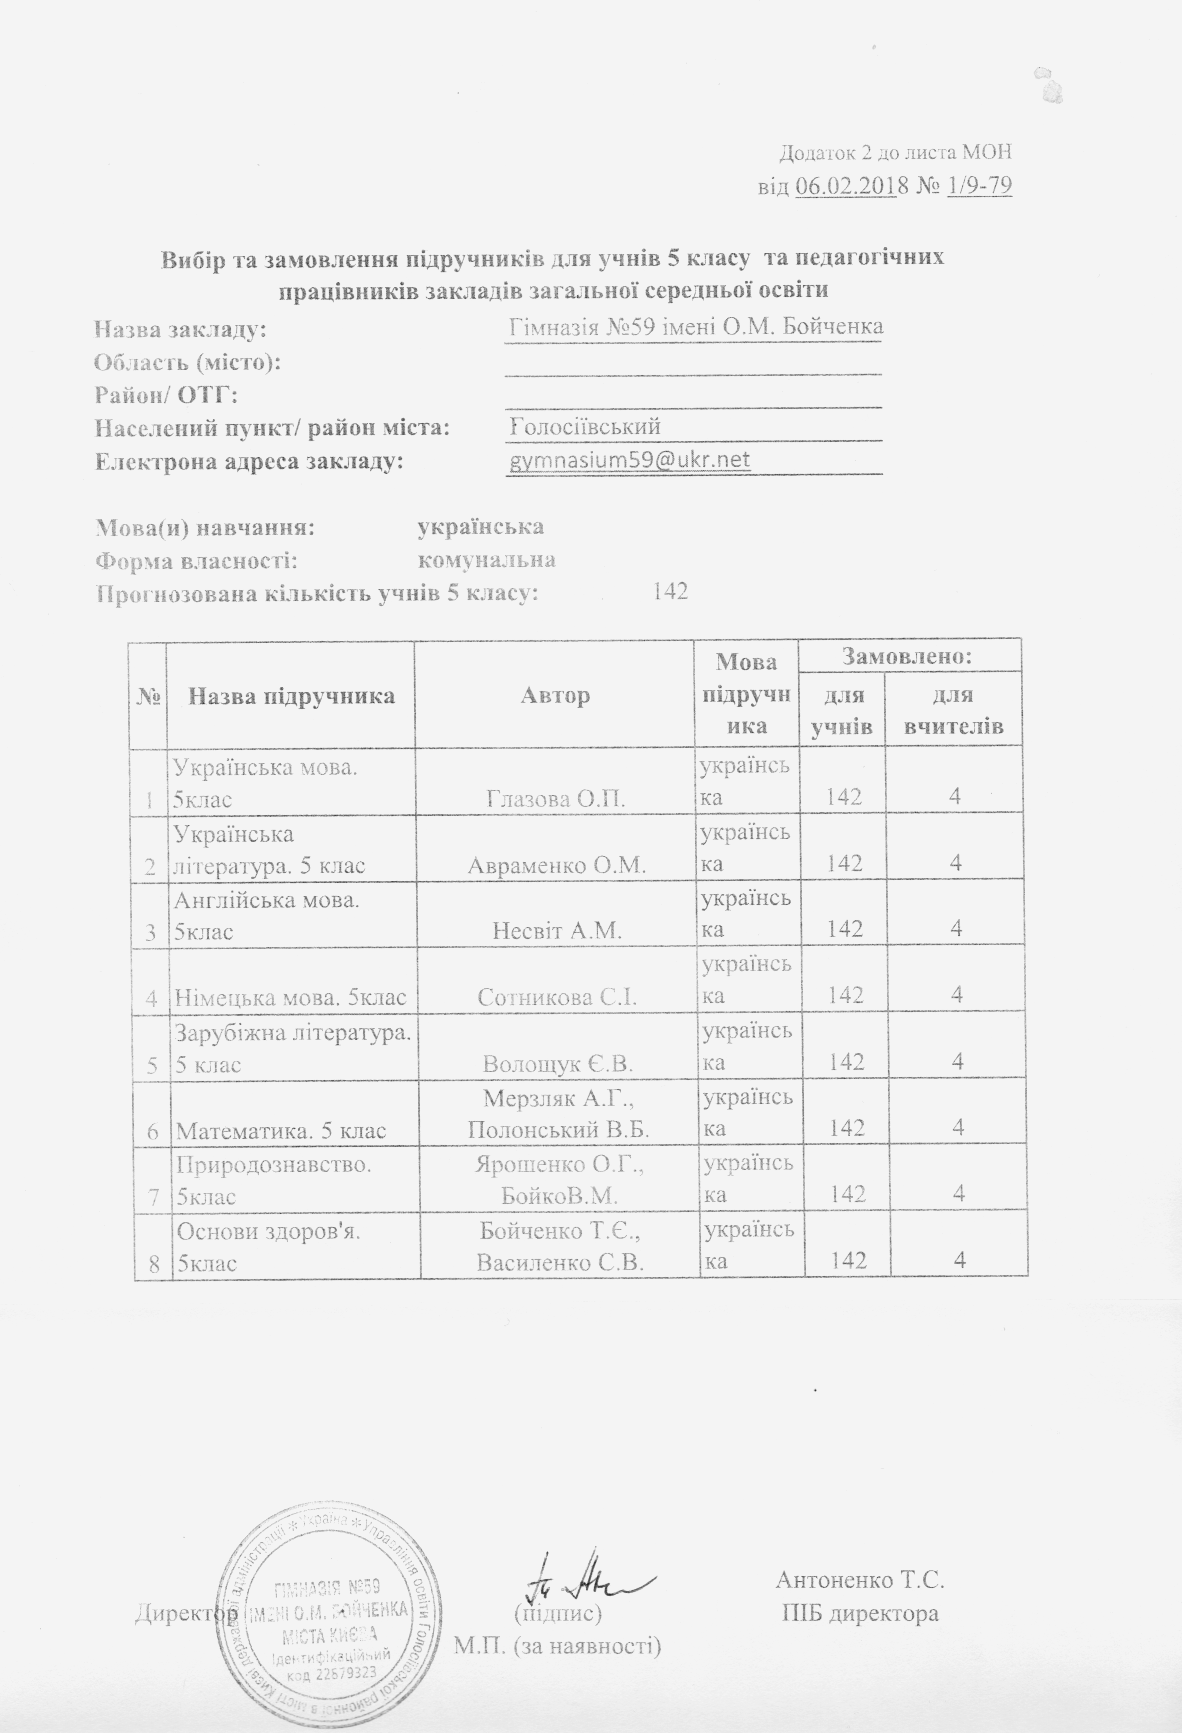 Інформація щодо вибору та замовлення підручників для 5 класу